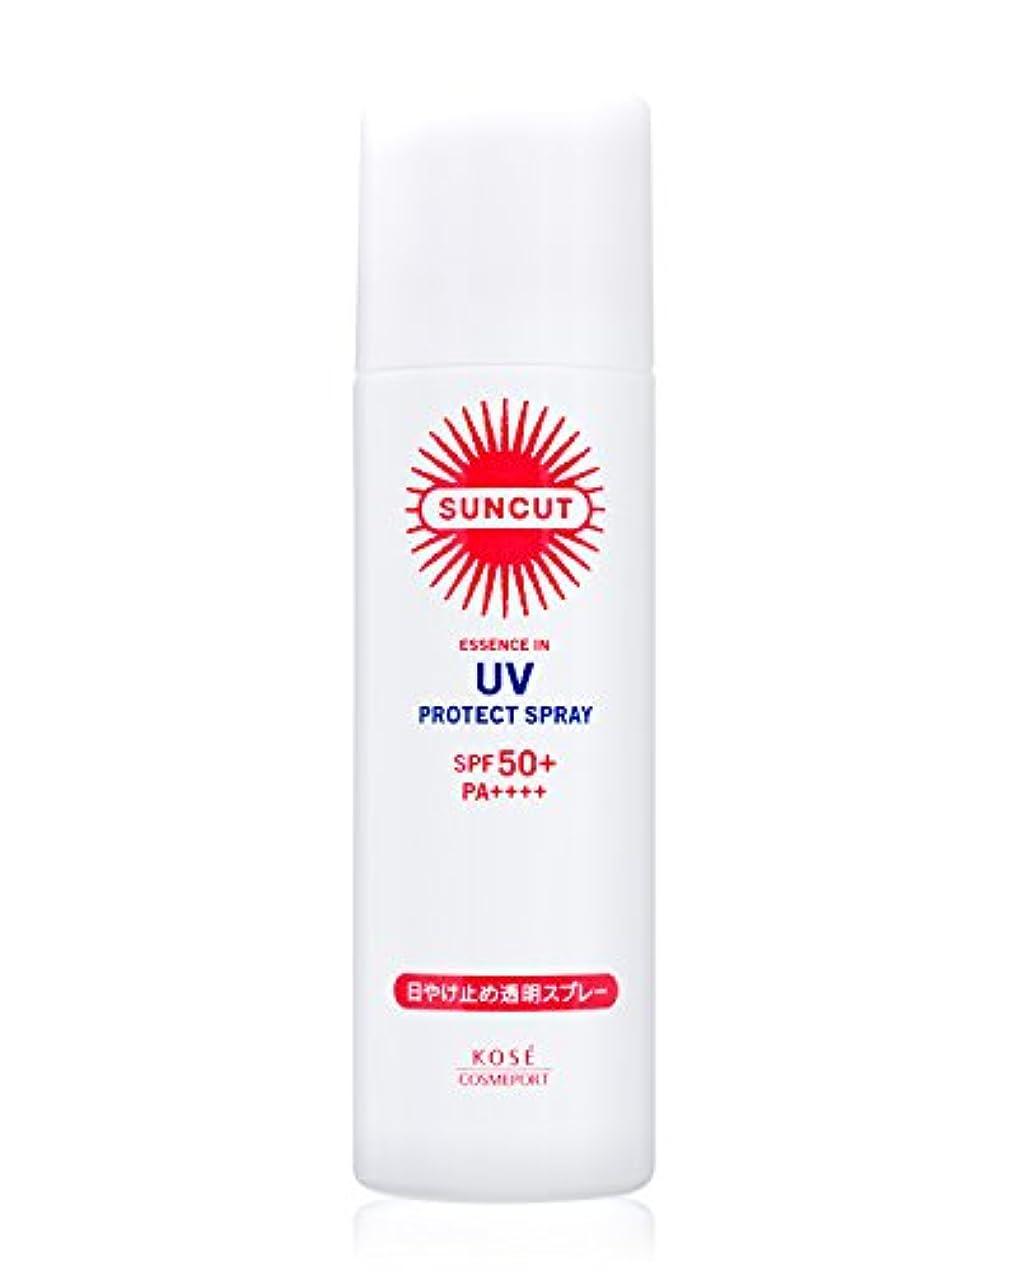 興味過去荒らすKOSE コーセー サンカット 日焼け止め 透明 スプレー 無香料 90g SPF50+ PA++++